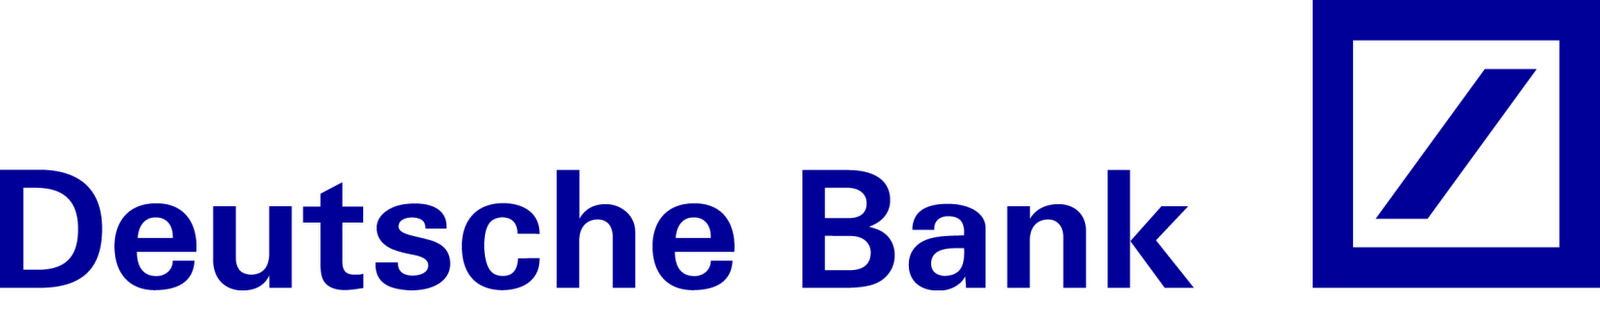 Deutsche Bank Buys Stake in TrustBills